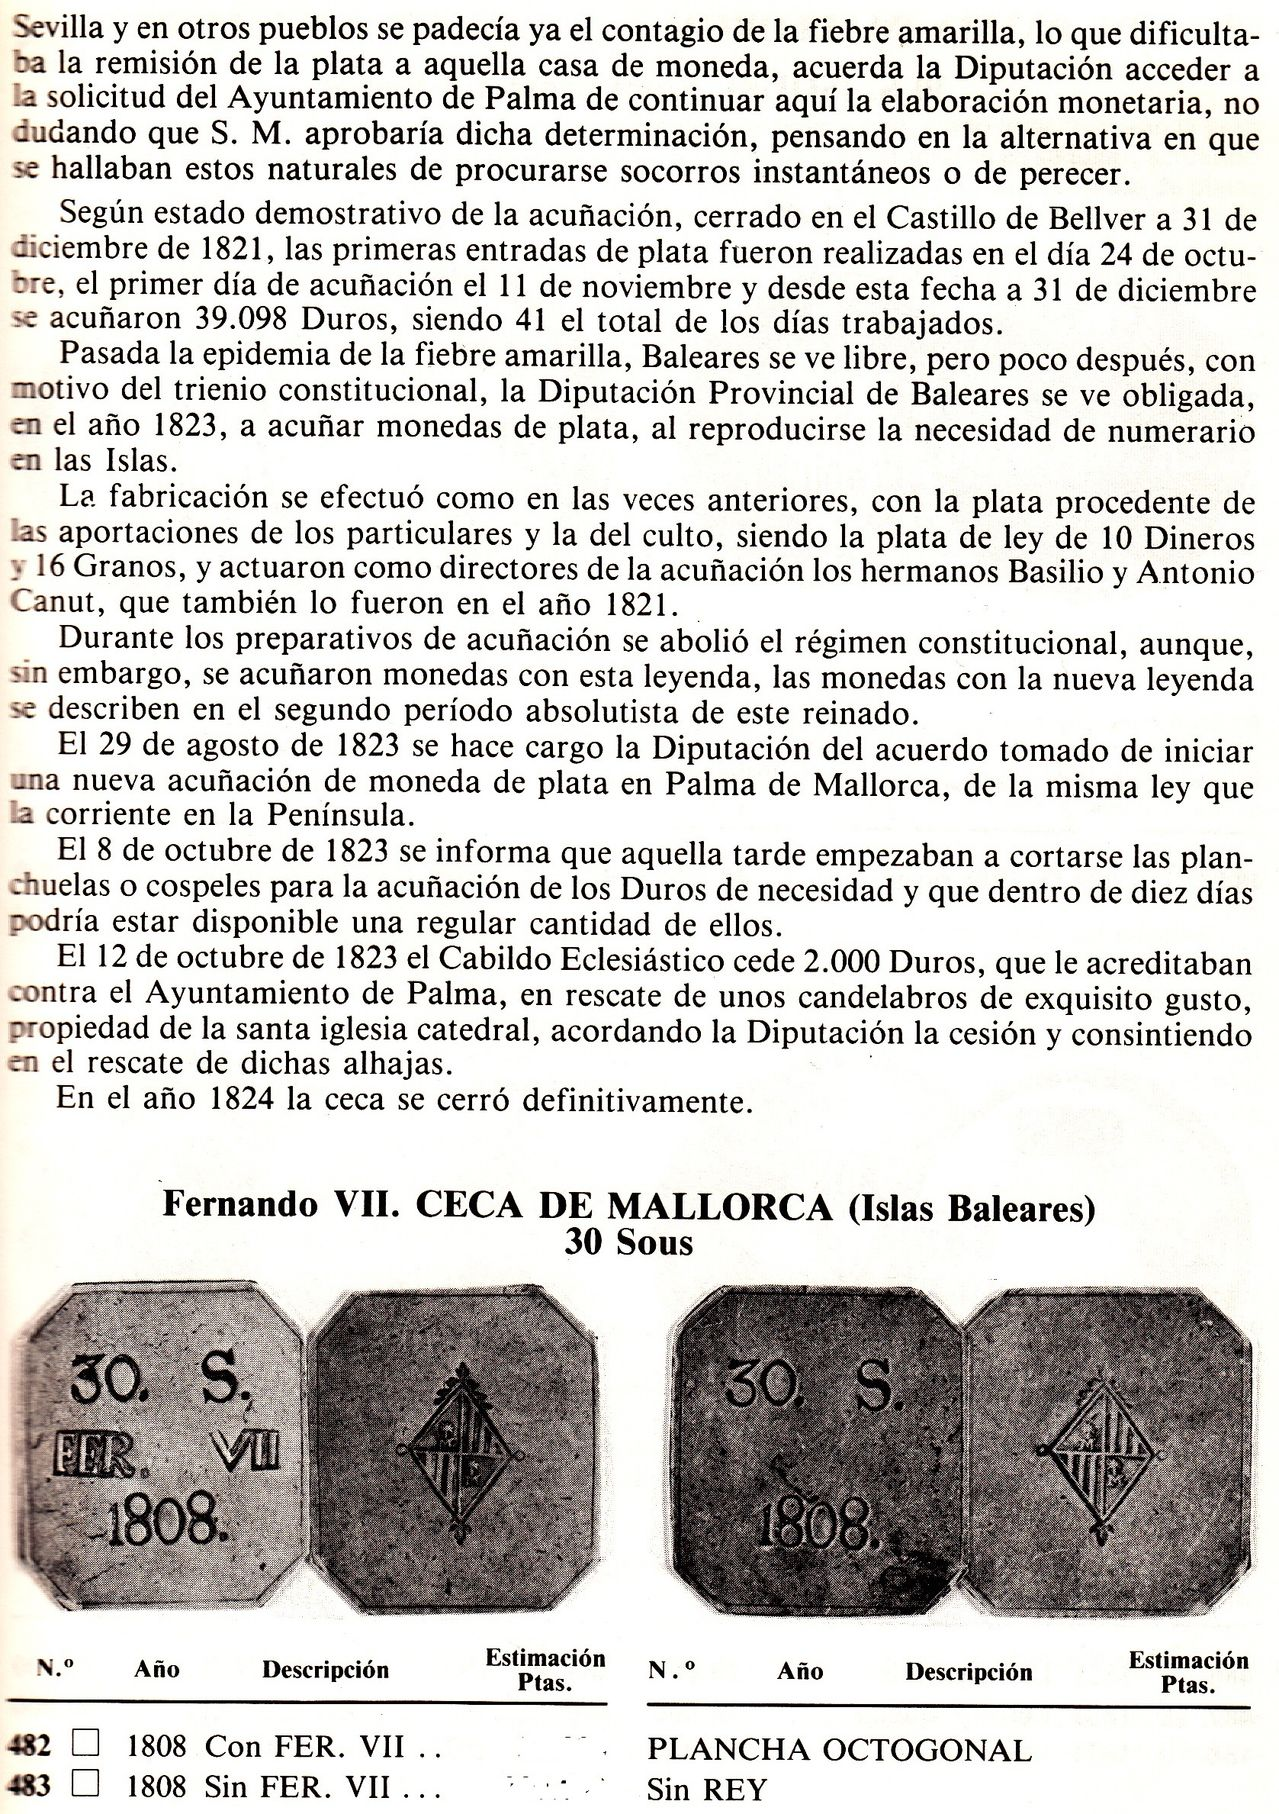 Sobre la variante 30 SOUS octogonal sin la leyenda FER. VII Ma2_copia